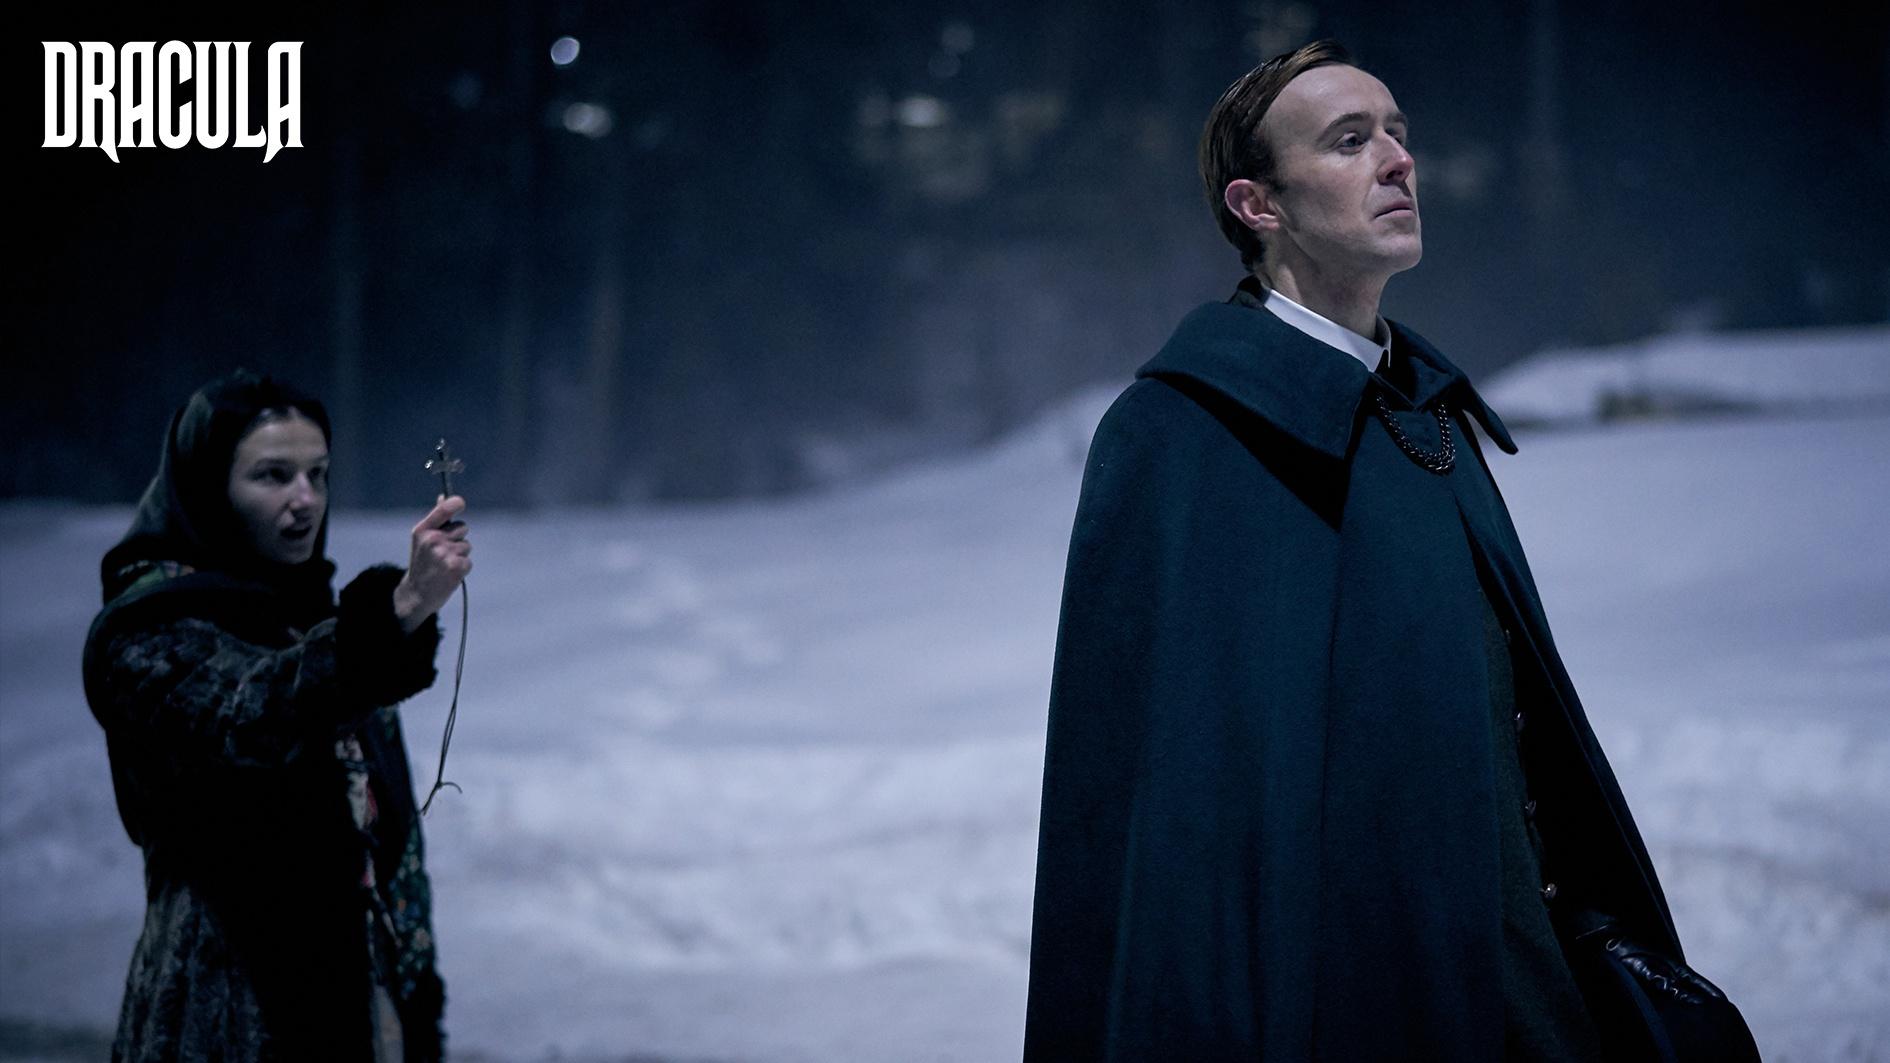 《神探夏洛克》团队的《德古拉》是最符合原著的版本